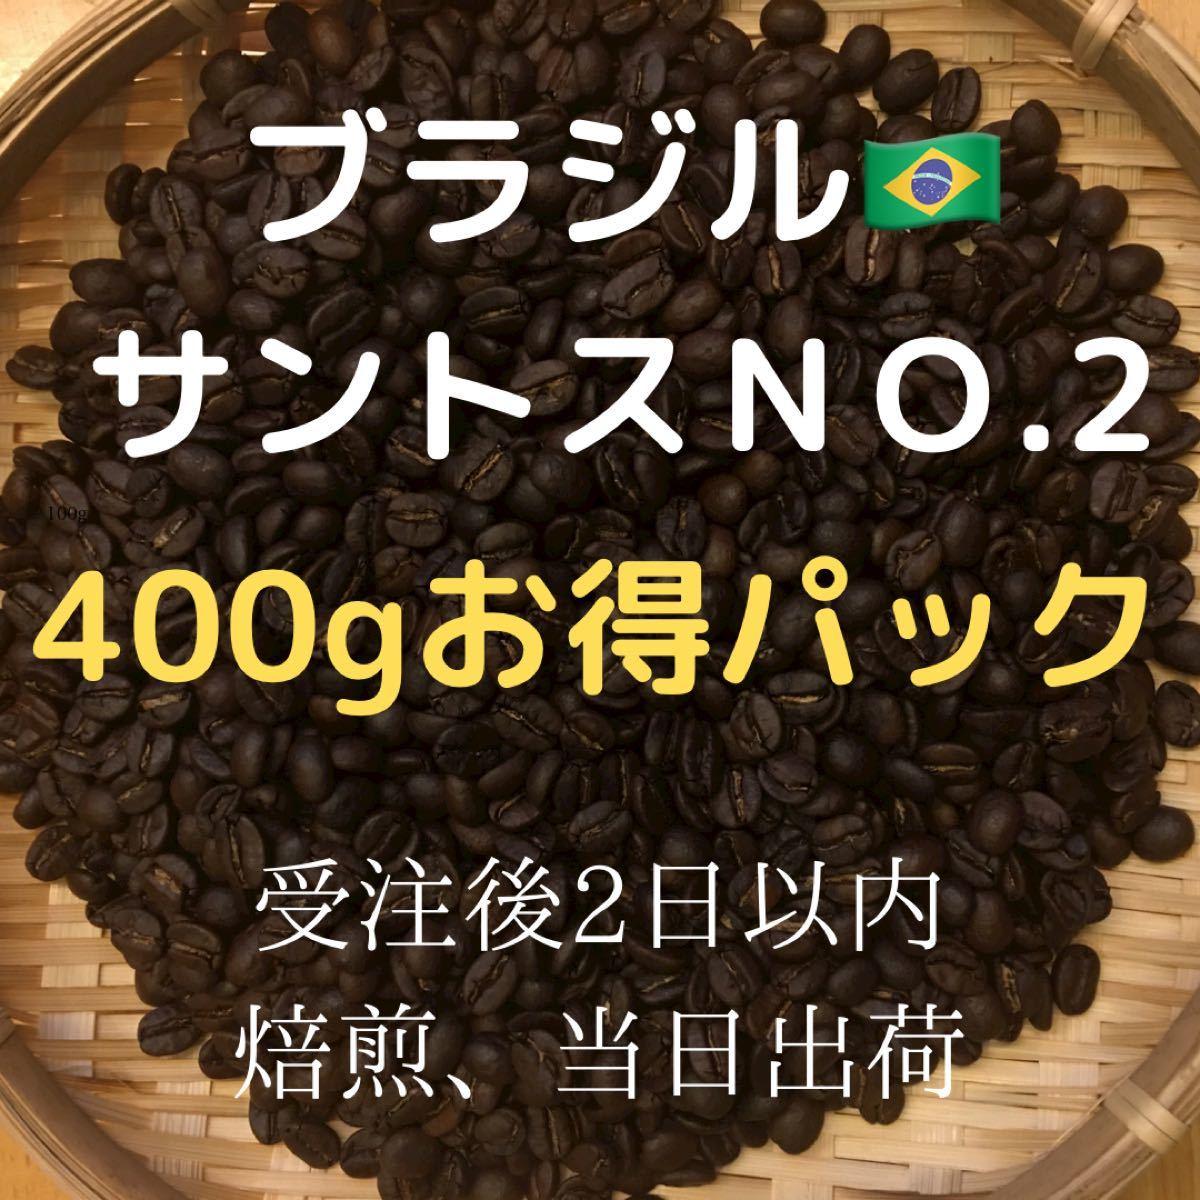 自家焙煎 ブラジル サントスNO.2 400g(豆又は粉)匿名配送